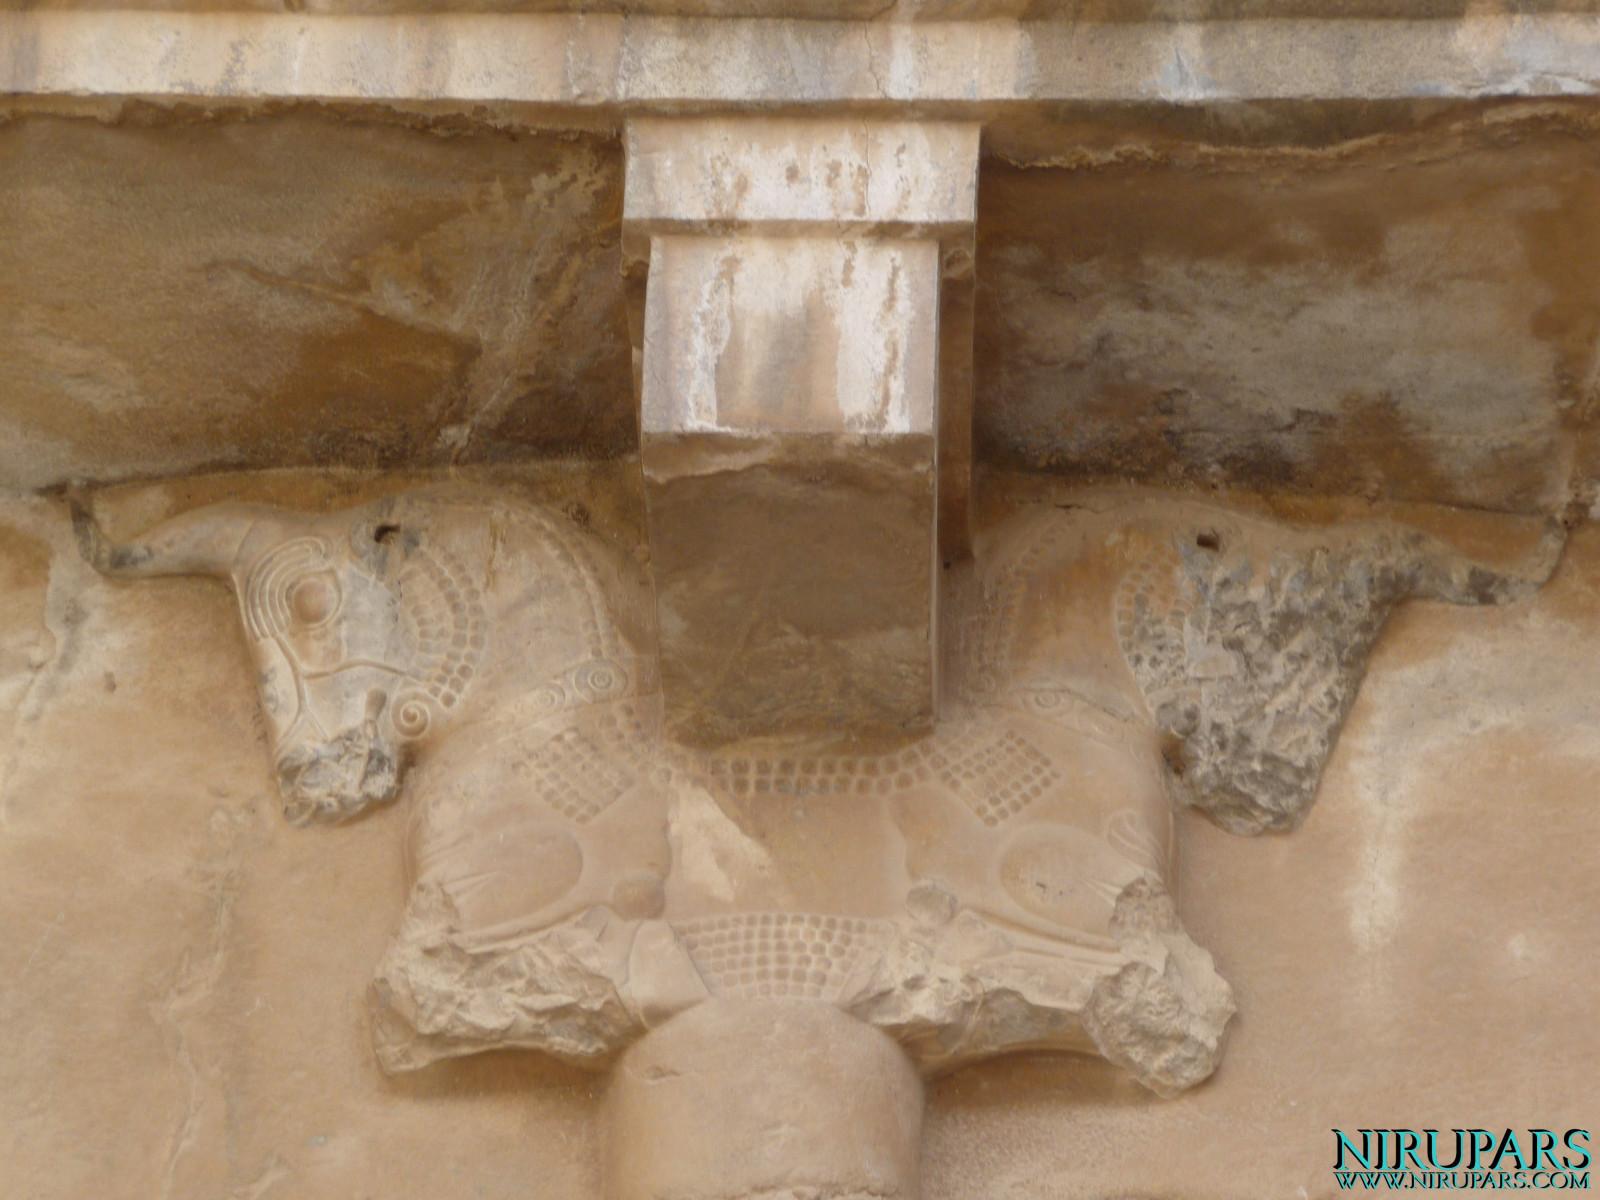 Persepolis - Tomb 1 - Relief Bull Capital